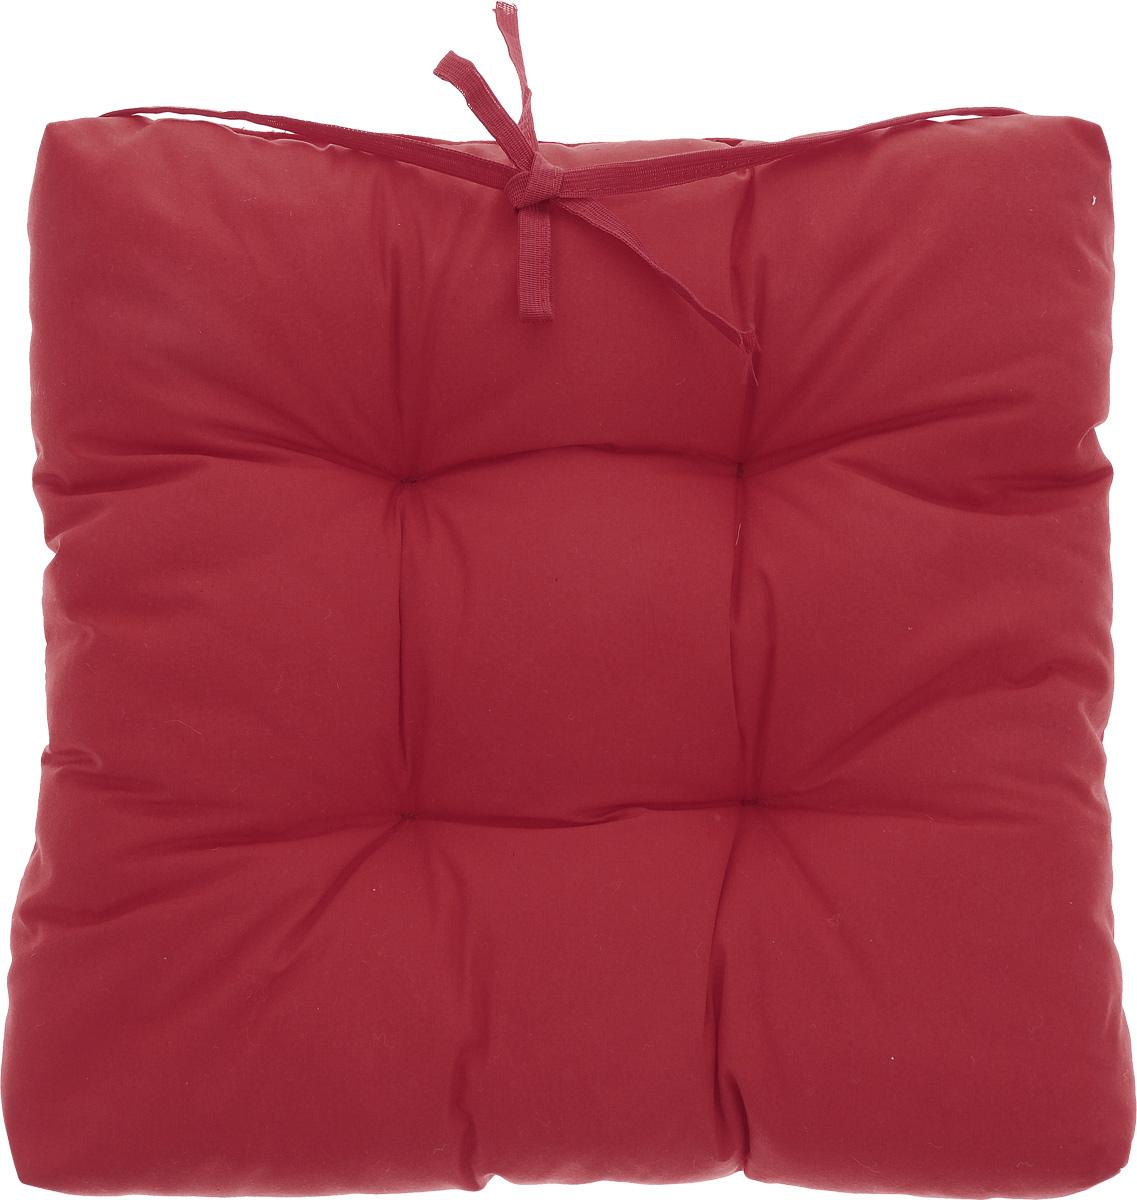 Подушка на стул Eva, объемная, цвет: красный, 40 х 40 смЕ064_красныйПодушка Eva, изготовленная из хлопка, прослужит вам не один десяток лет. Внутри - мягкий наполнитель из полиэстера. Стежка надежно удерживает наполнитель внутри и не позволяет ему скатываться. Подушка легко крепится на стул с помощью завязок. Правильно сидеть - значит сохранить здоровье на долгие годы. Жесткие сидения подвергают наше здоровье опасности. Подушка с наполнителем из полиэстера поможет предотвратить многие беды, которыми грозит сидячий образ жизни.